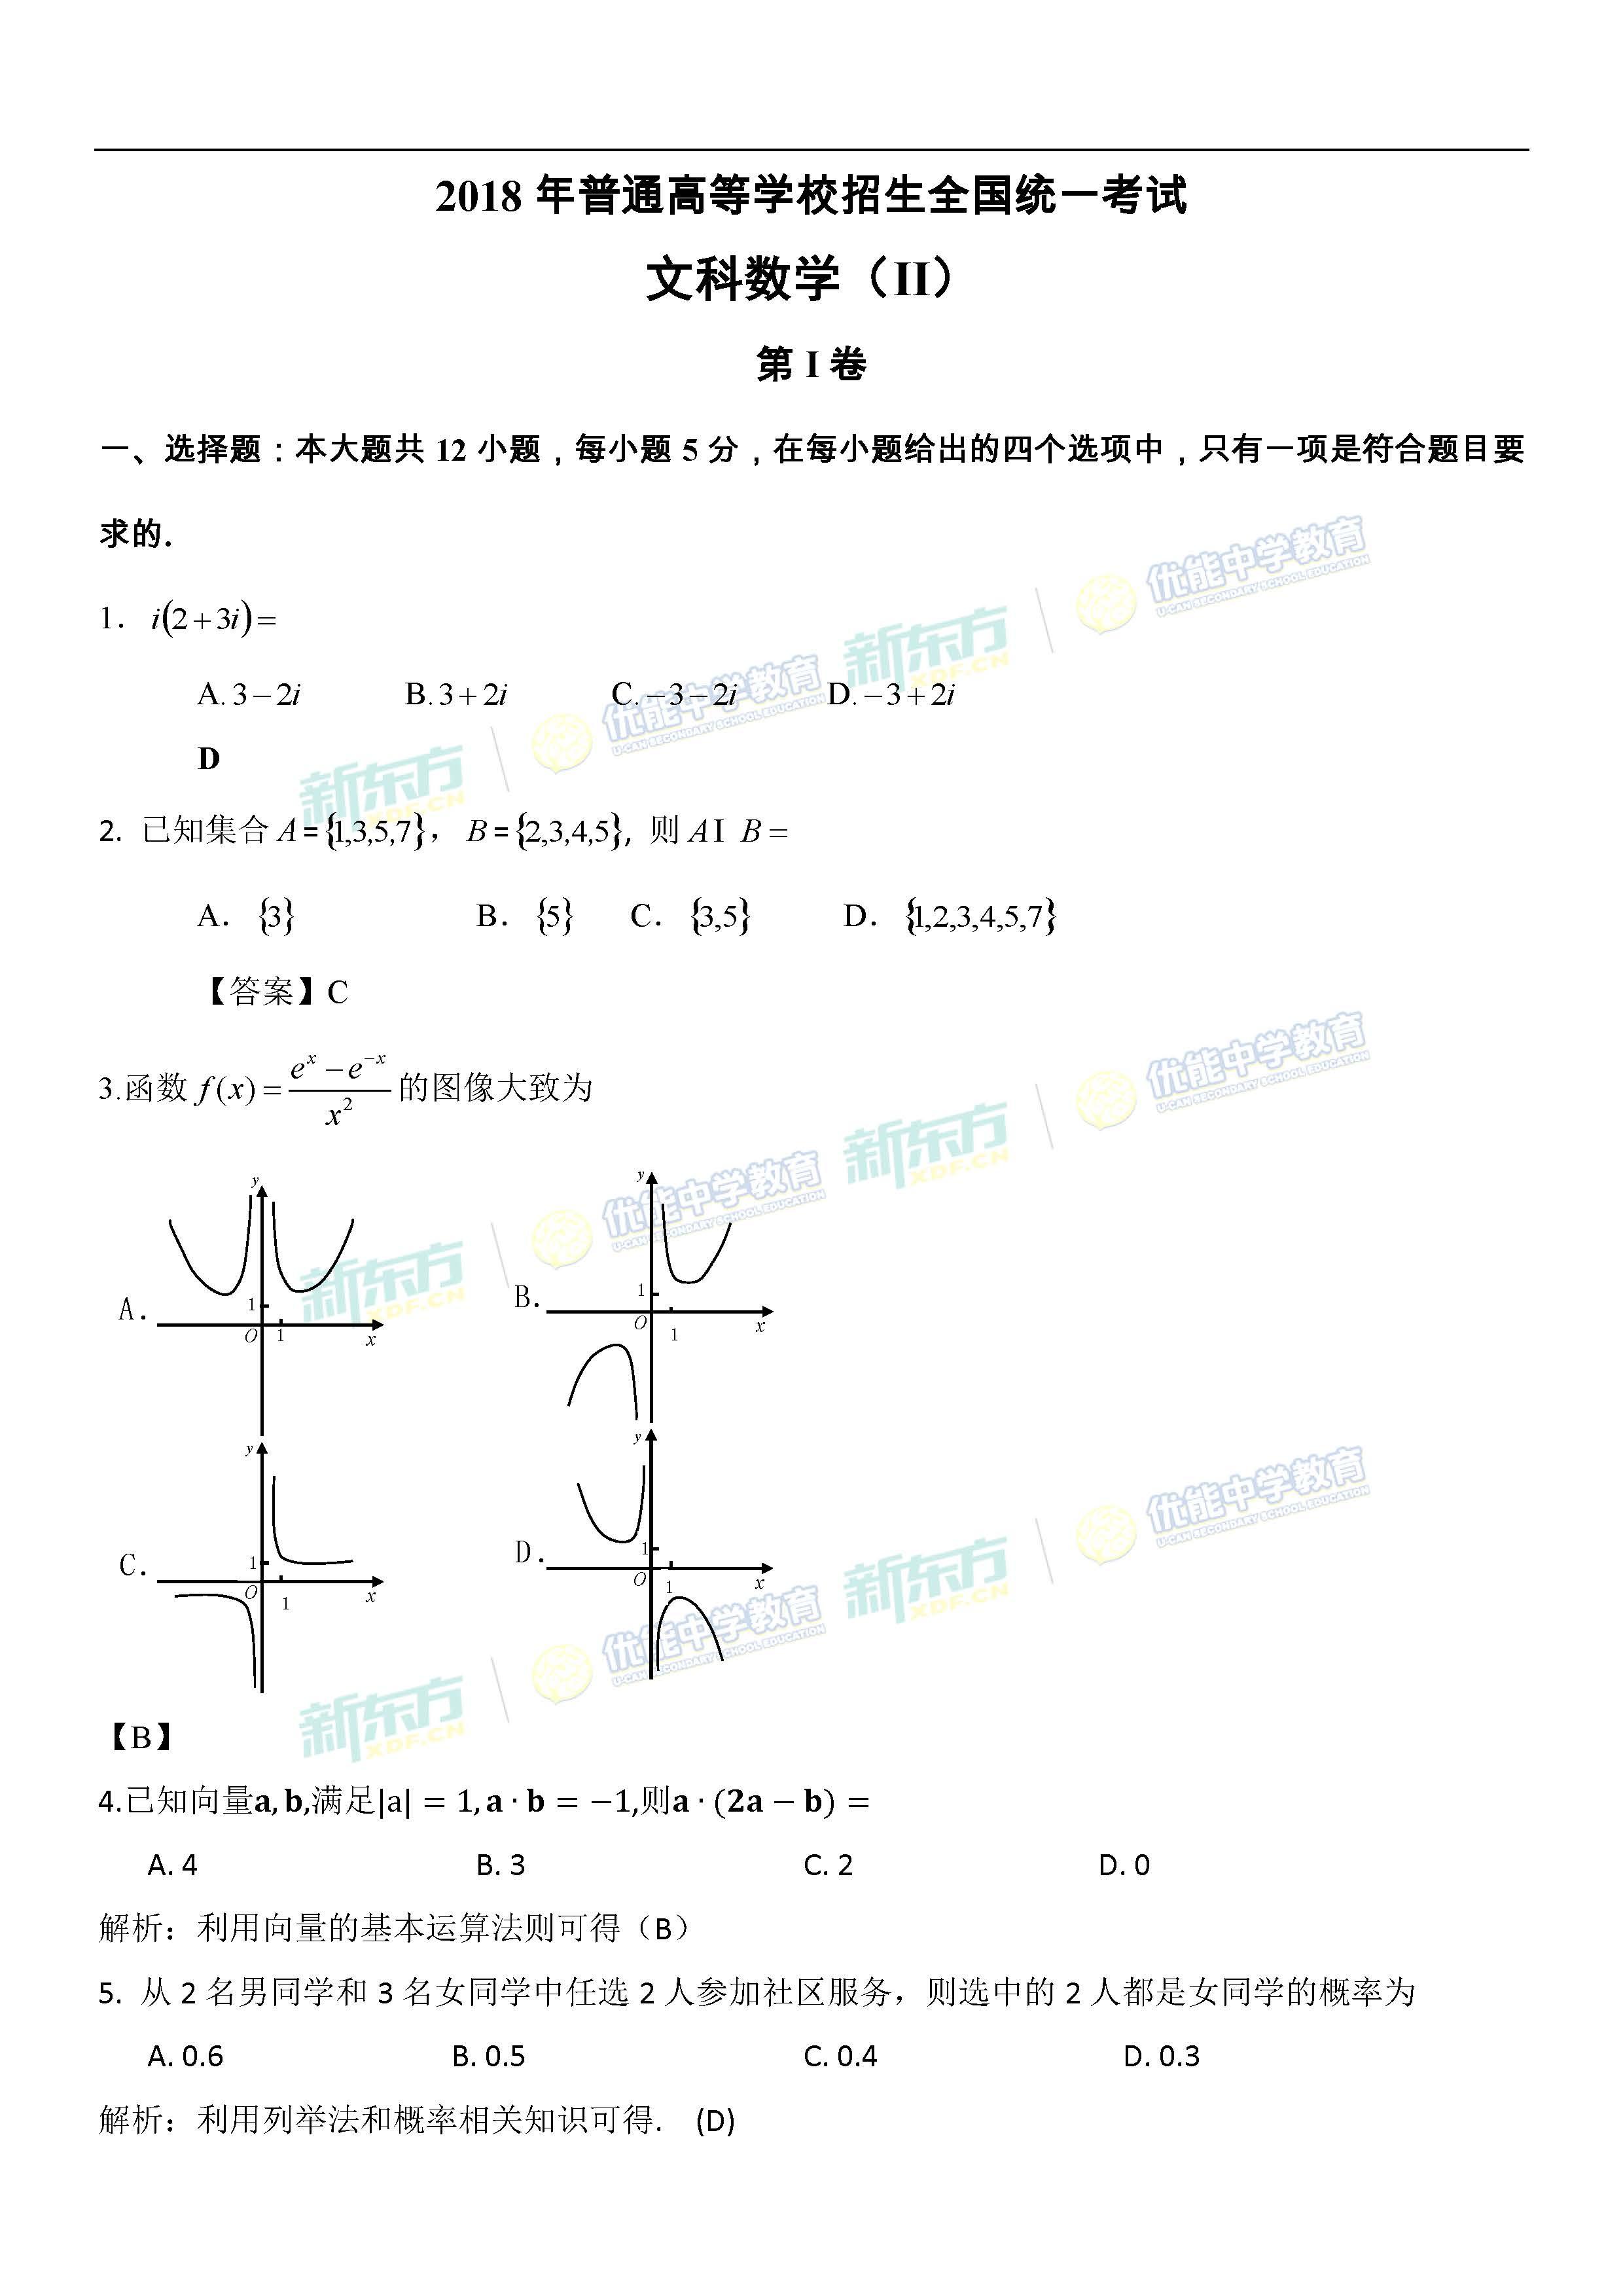 2018高考全国卷2数学文答案逐题解析(乌鲁木齐新东方)